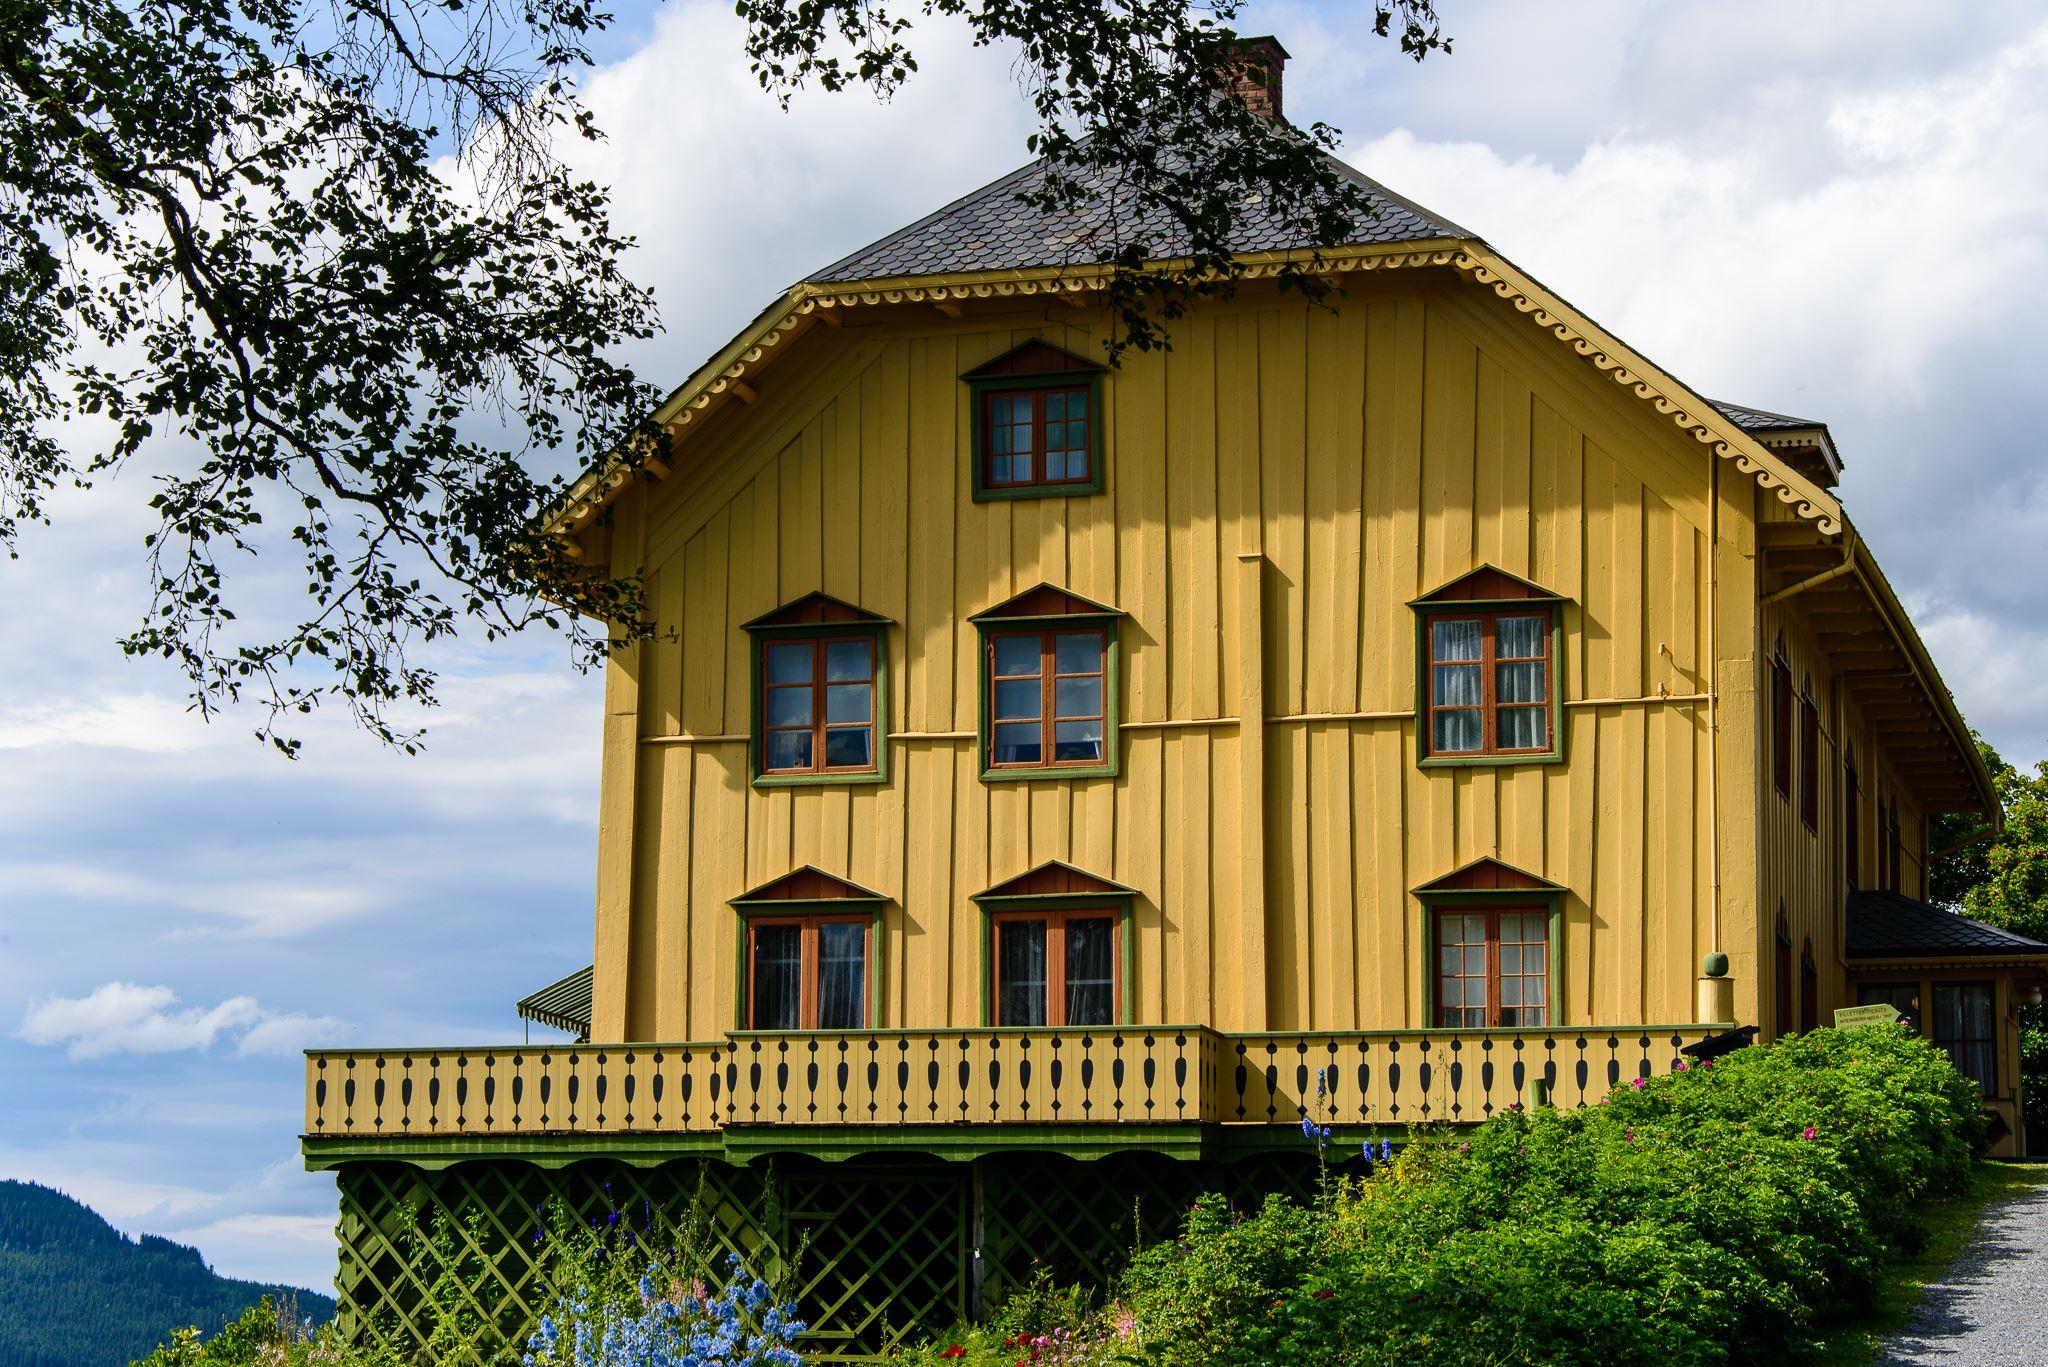 Aulestad, Bjørnstjerne Bjørnsons Hjem